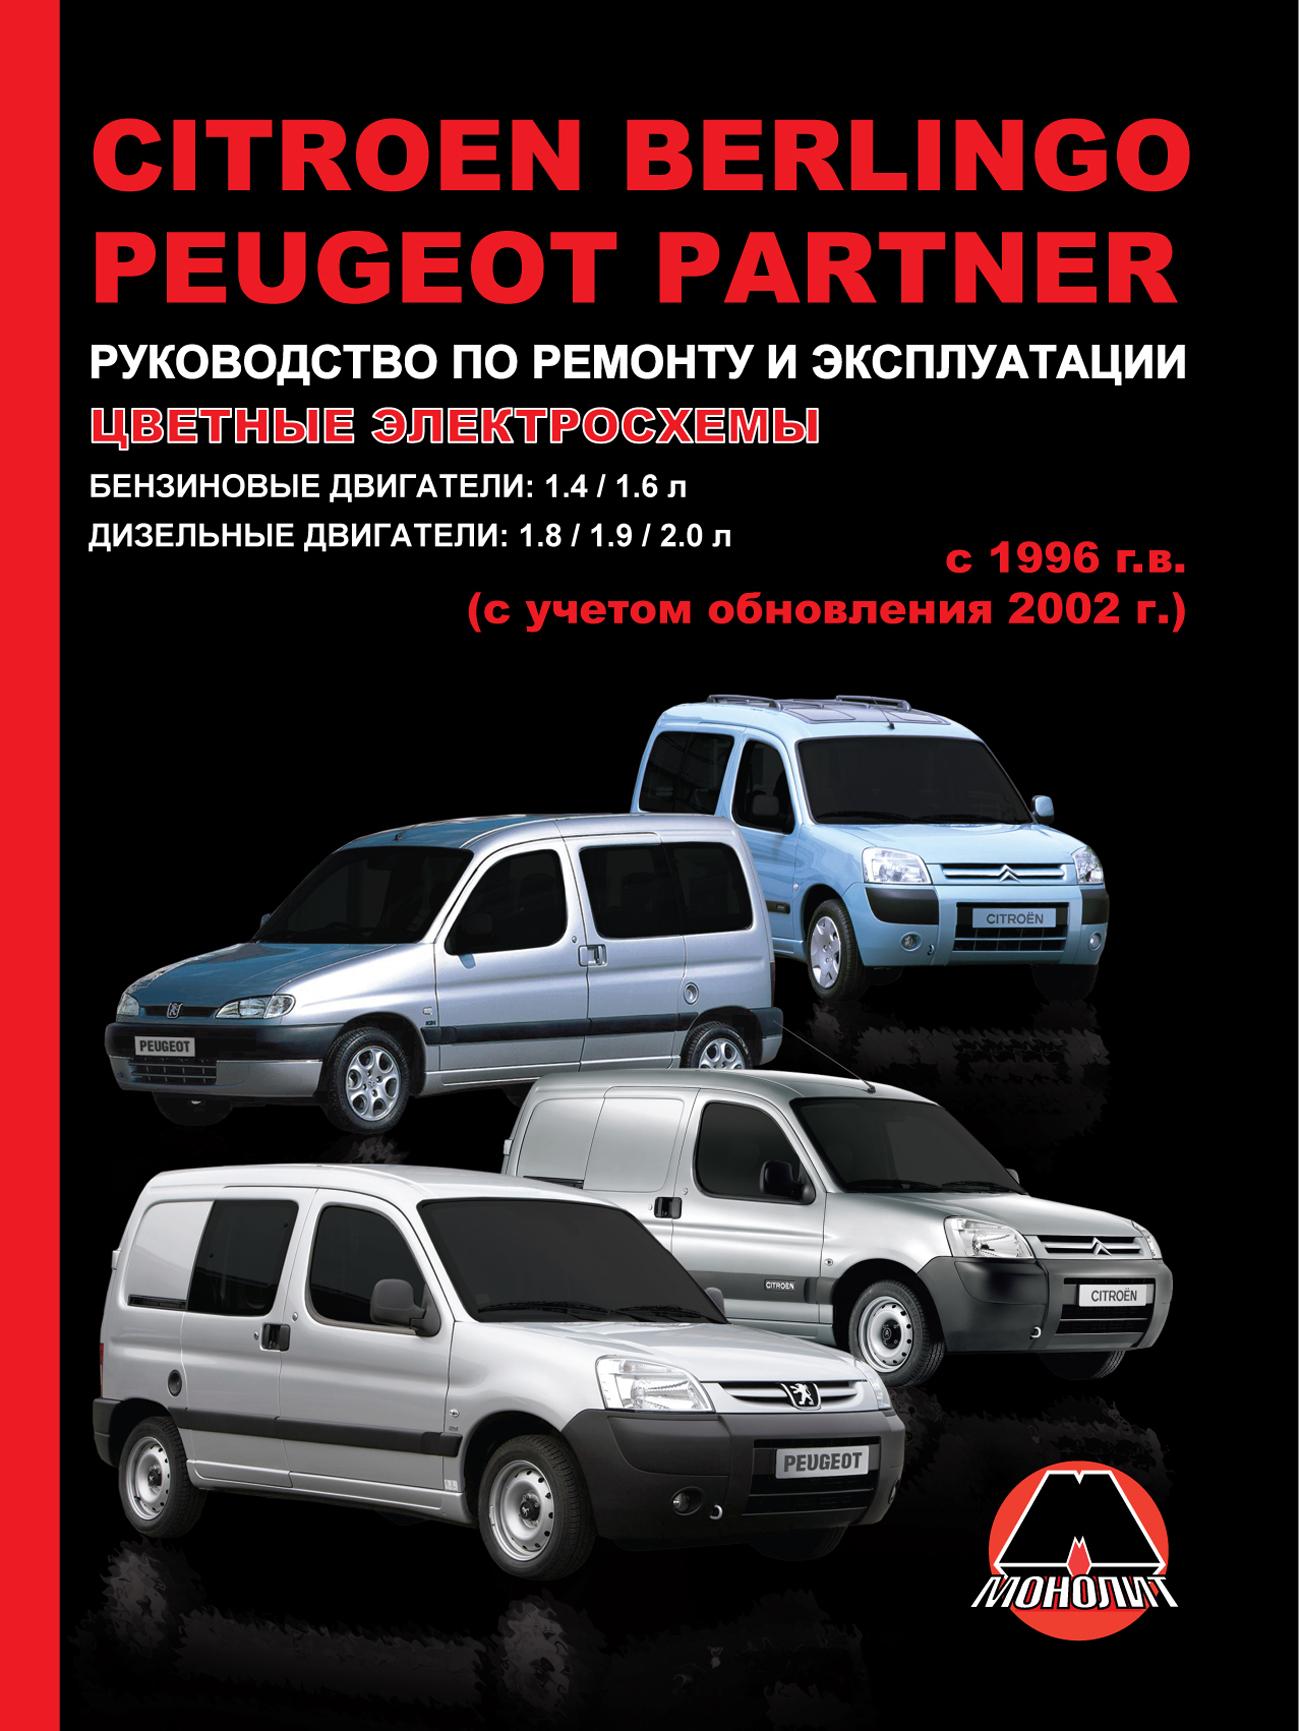 Справочное иллюстрированное издание инструкция по ремонту Peugeot Partner, Citroen Berlingo, также представлено...